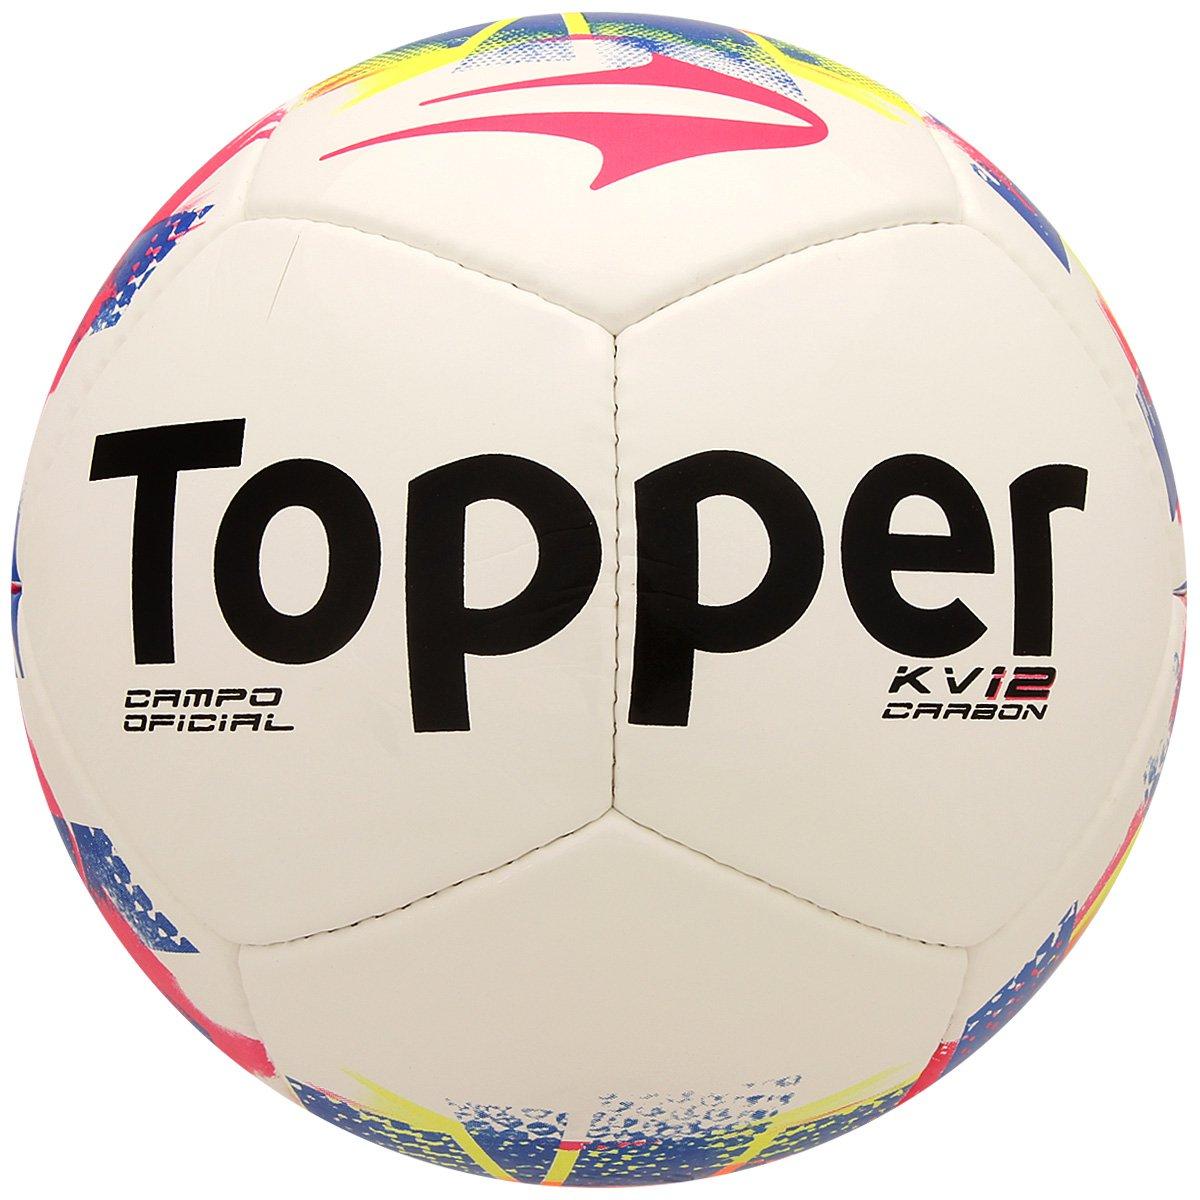 28922ac442 Bola Futebol Topper KV Réplica 2015 Campo - Compre Agora